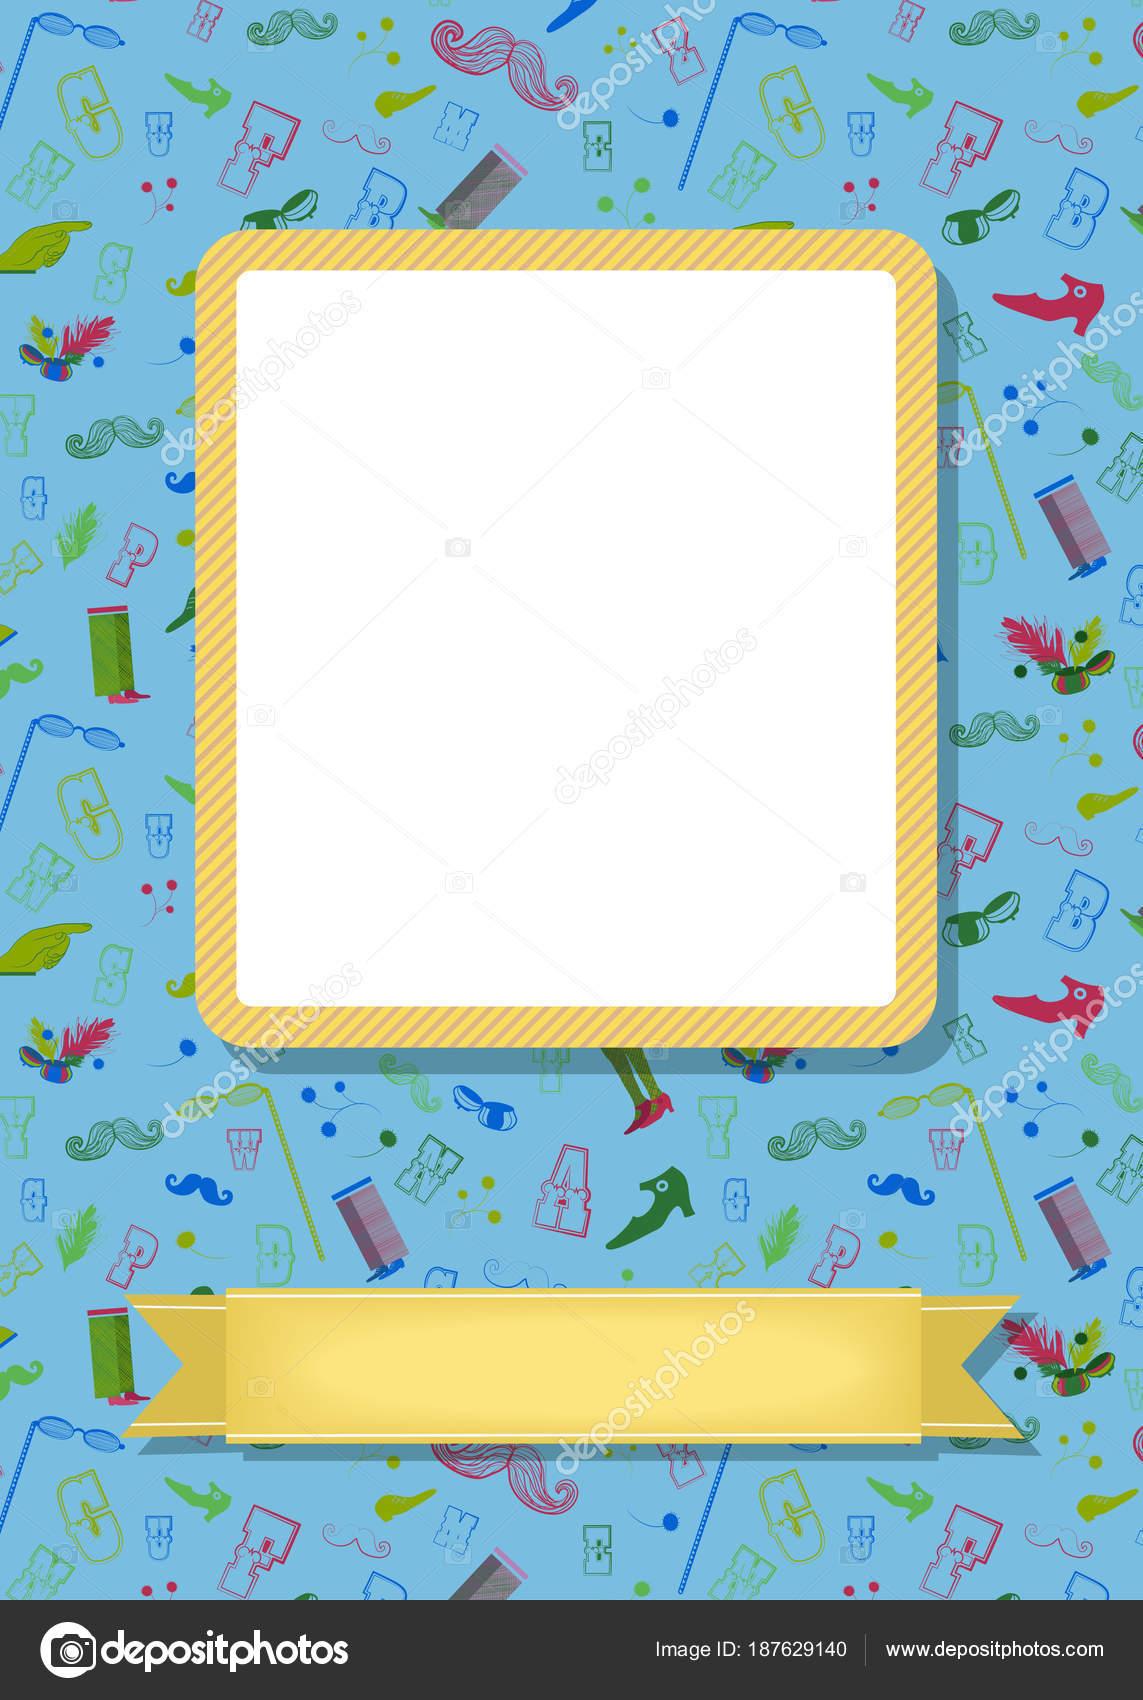 Retro-Bild für Bild mit Banner für text — Stockfoto © Prolegowoman ...